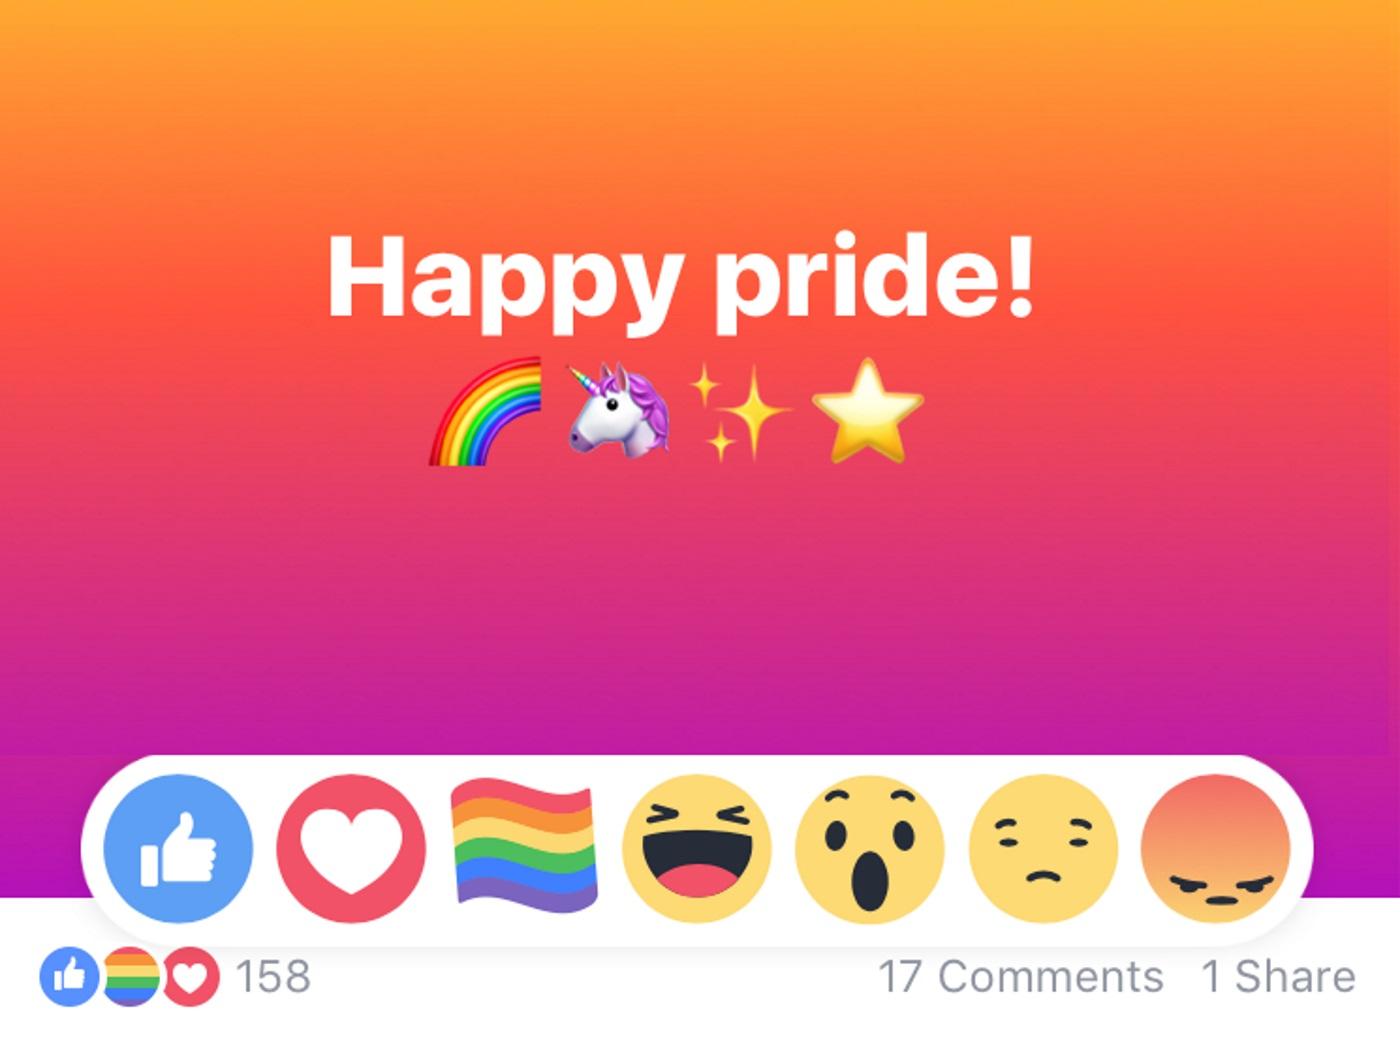 Facebook Reaction bandiera arcobaleno